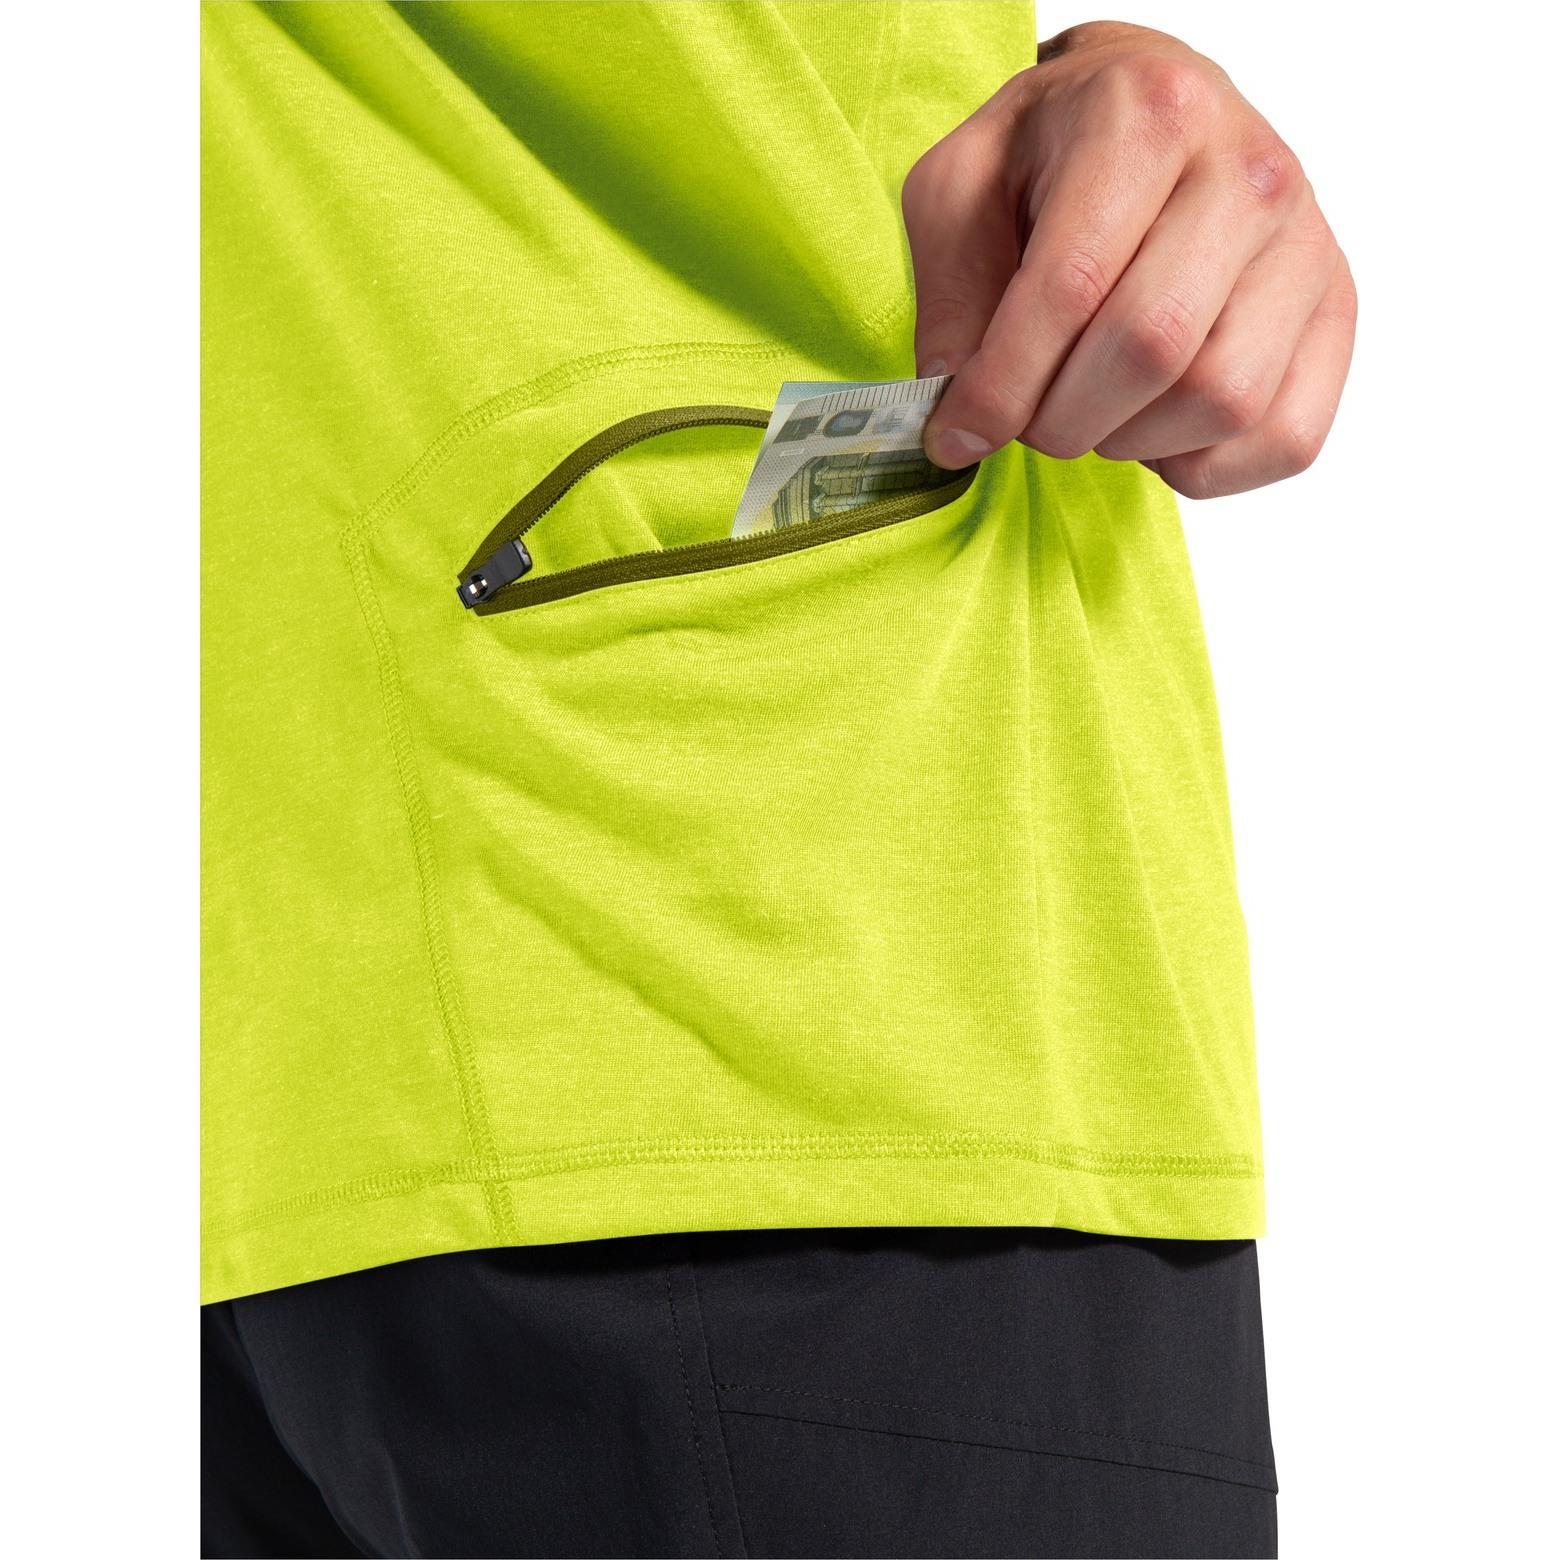 Bild von Vaude Tremalzo Shirt IV - bright green/black